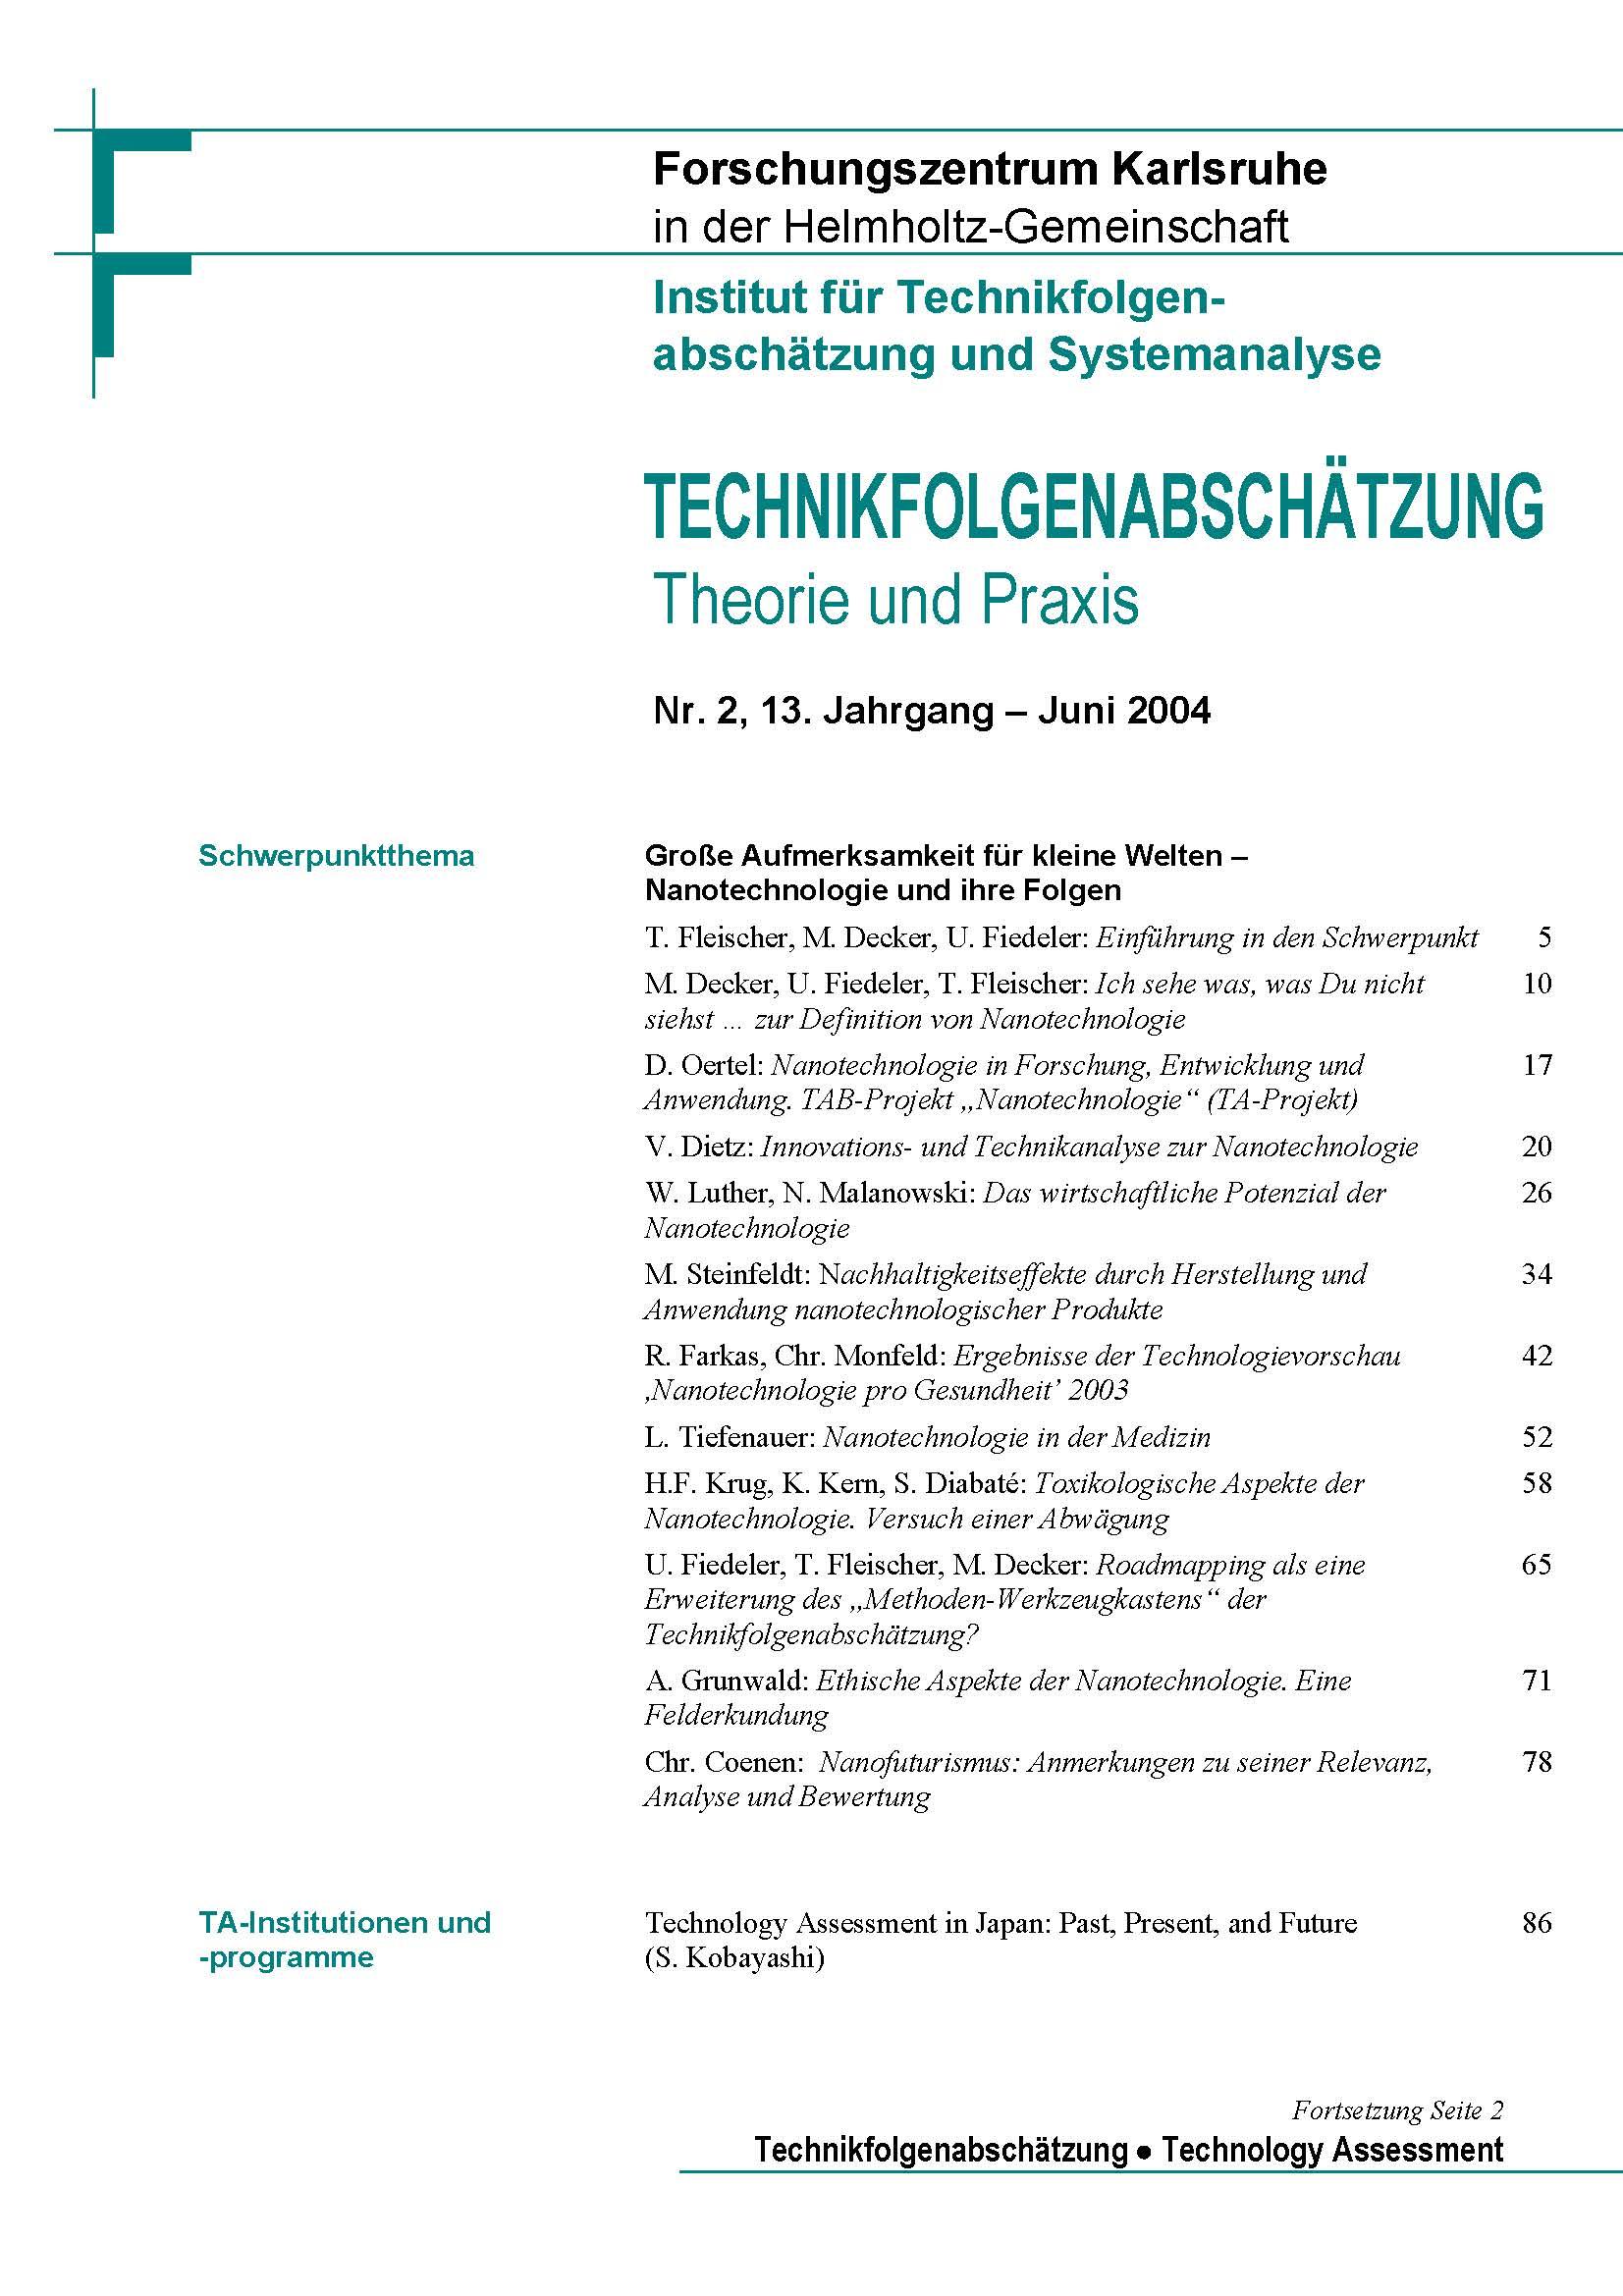 View Vol. 13 No. 2 (2004): Große Aufmerksamkeit für kleine Welten – Nanotechnologie und ihre Folgen